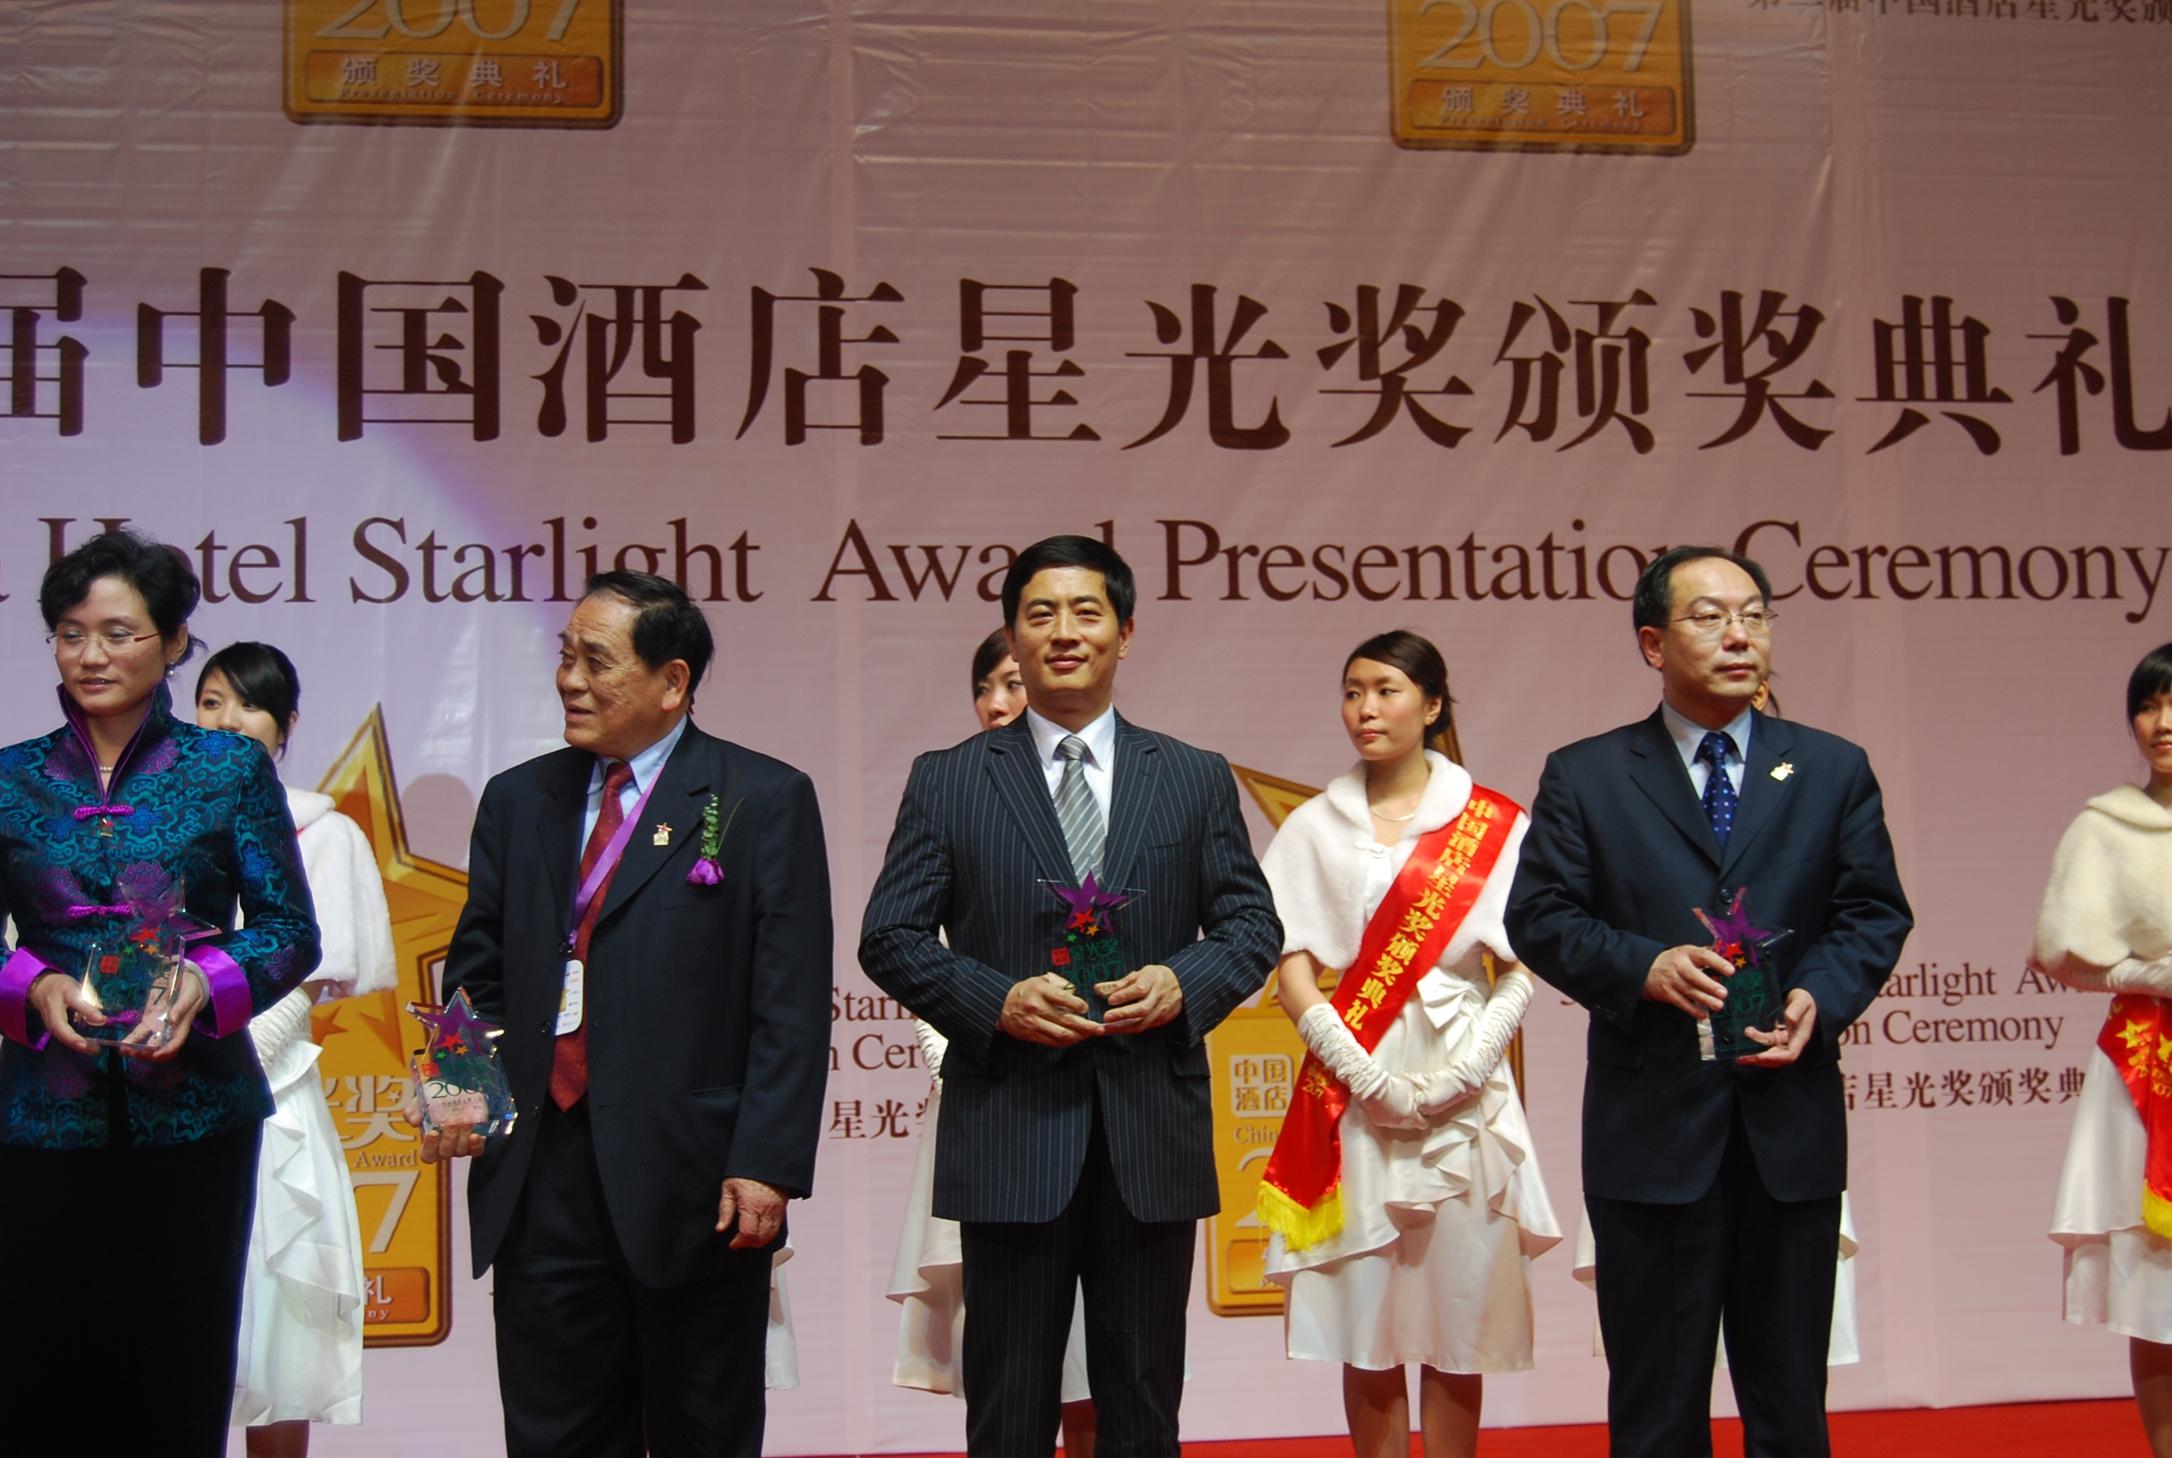 陳斌總裁出席中國酒店星光獎頒獎典禮